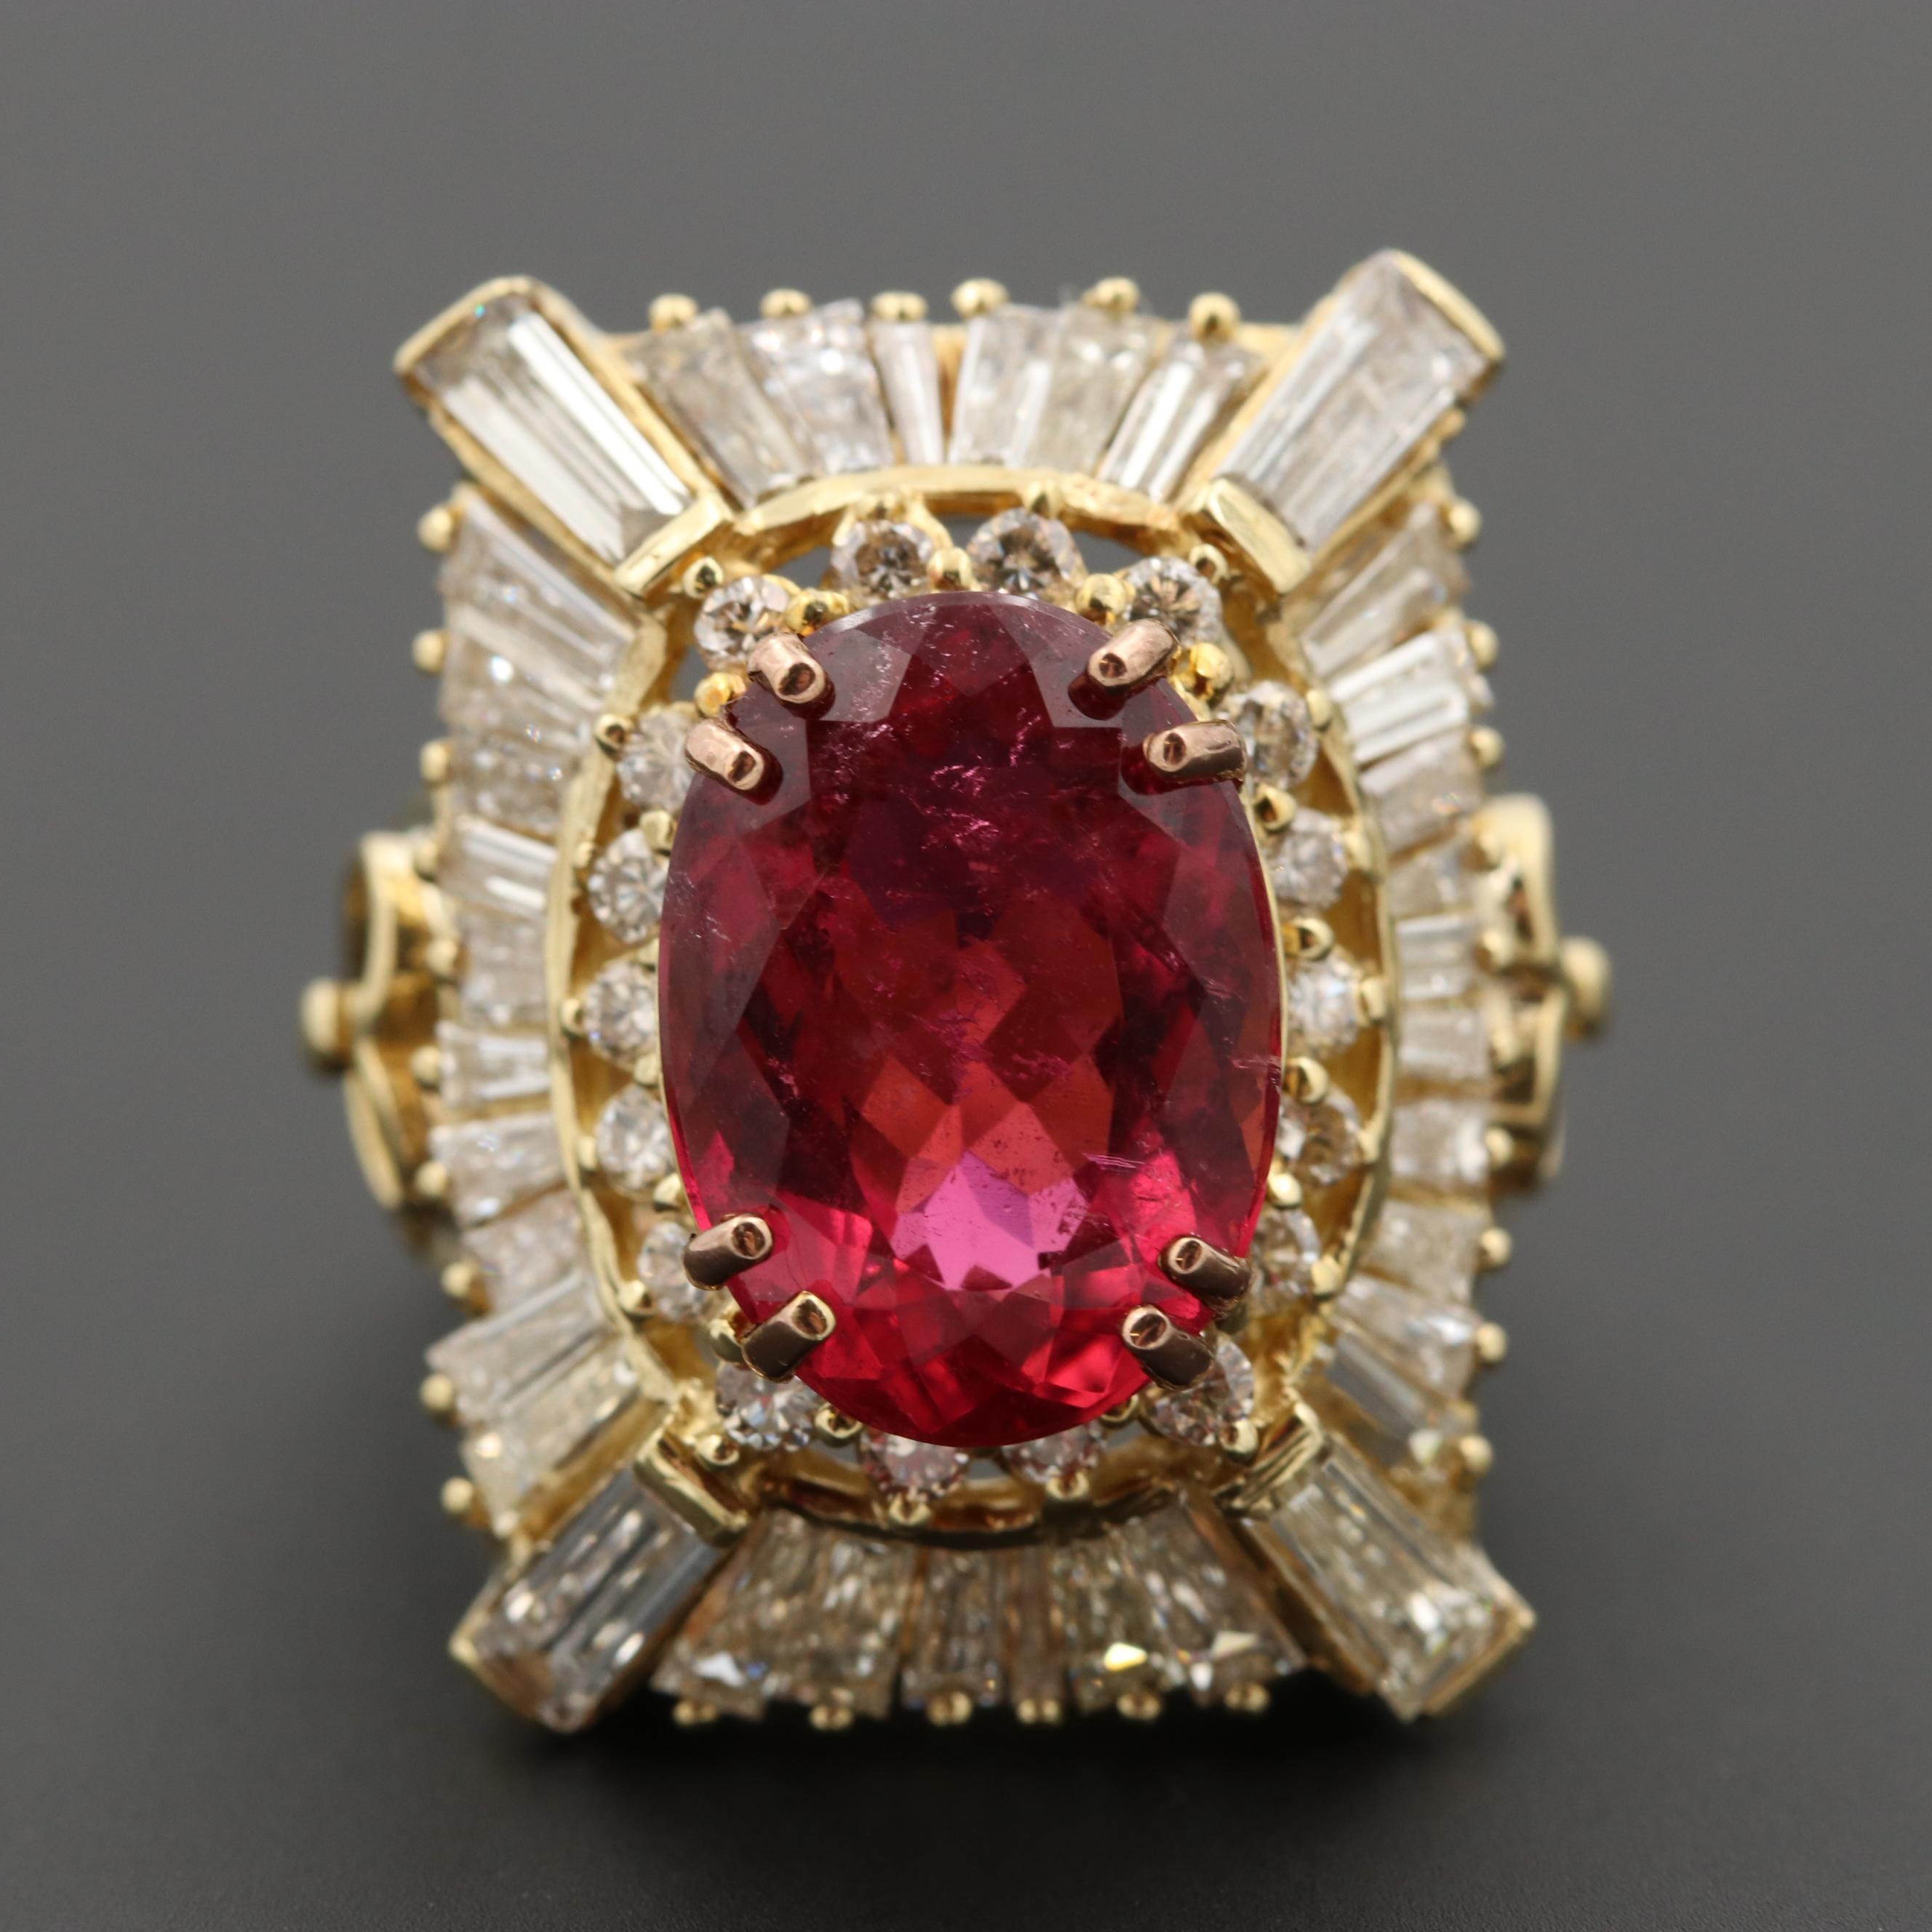 18K Yellow Gold 5.26 CT Rubelite Tourmaline and 3.54 CTW Diamond Ring